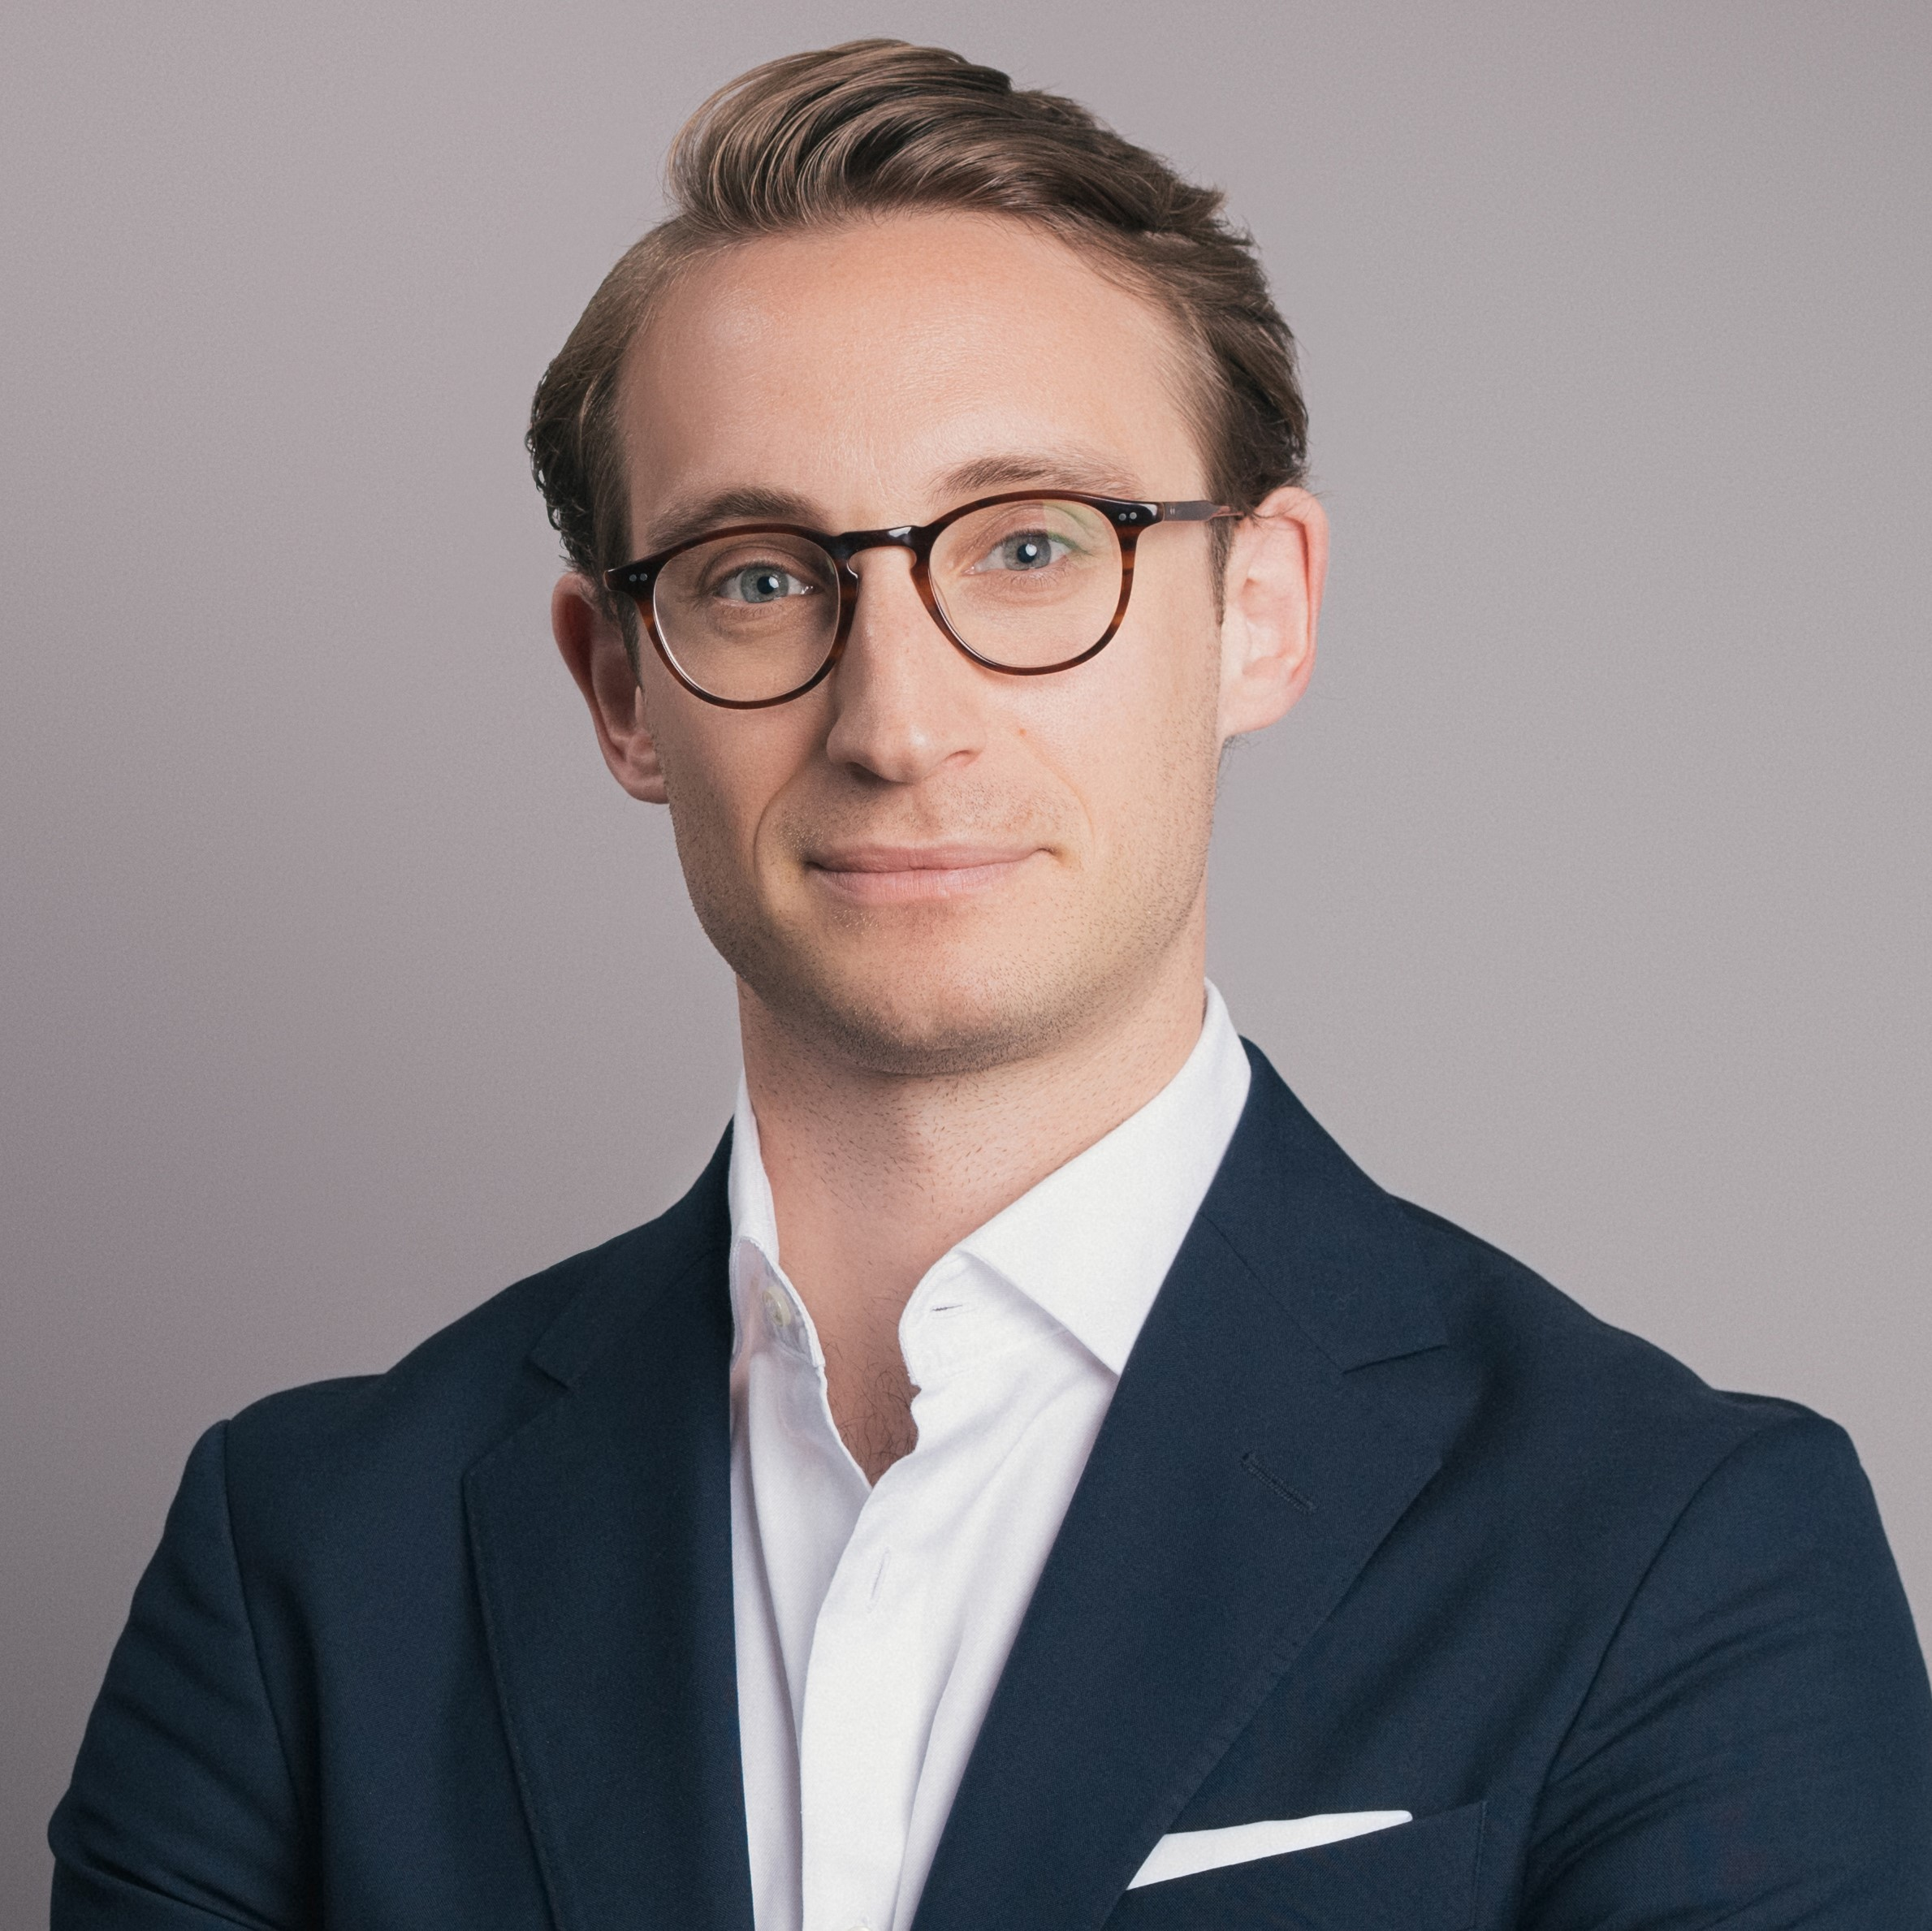 Photo of Oscar Rydén